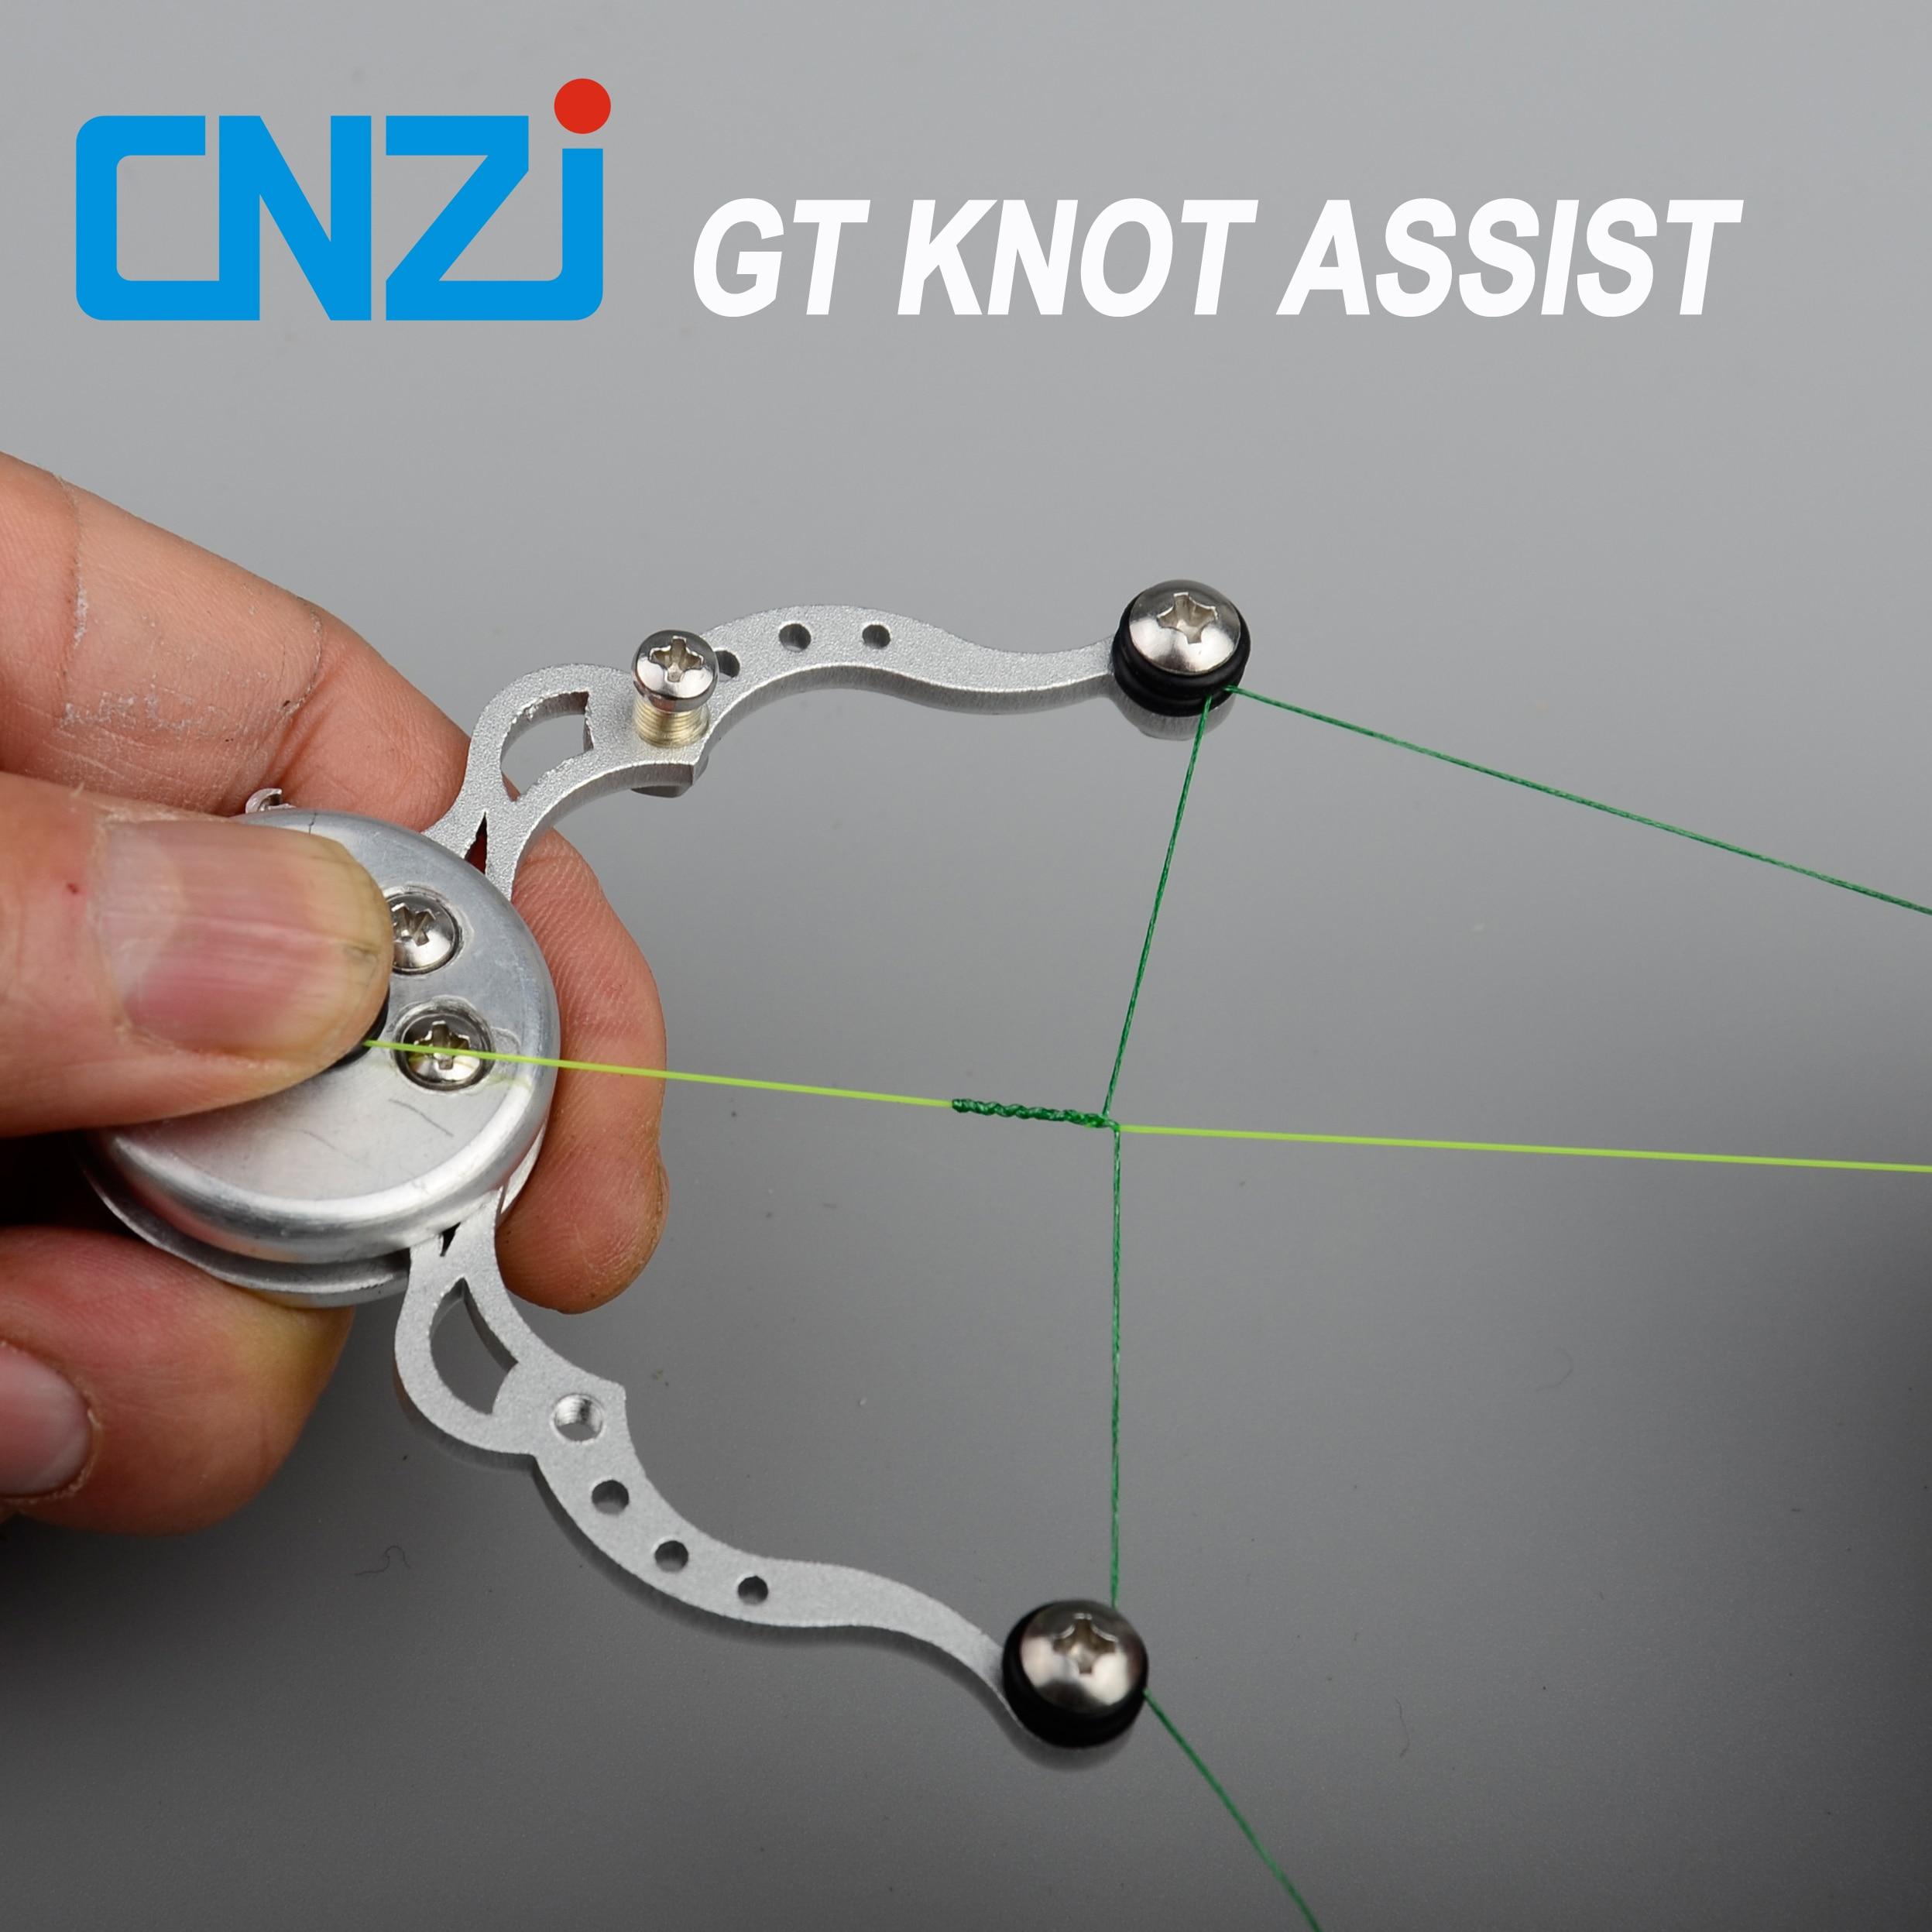 GT NOEUD AIDER nuevo nudo ayudar nudos máquina GT nudo de la máquina herramienta de pesca de la pesca de la bobina del à